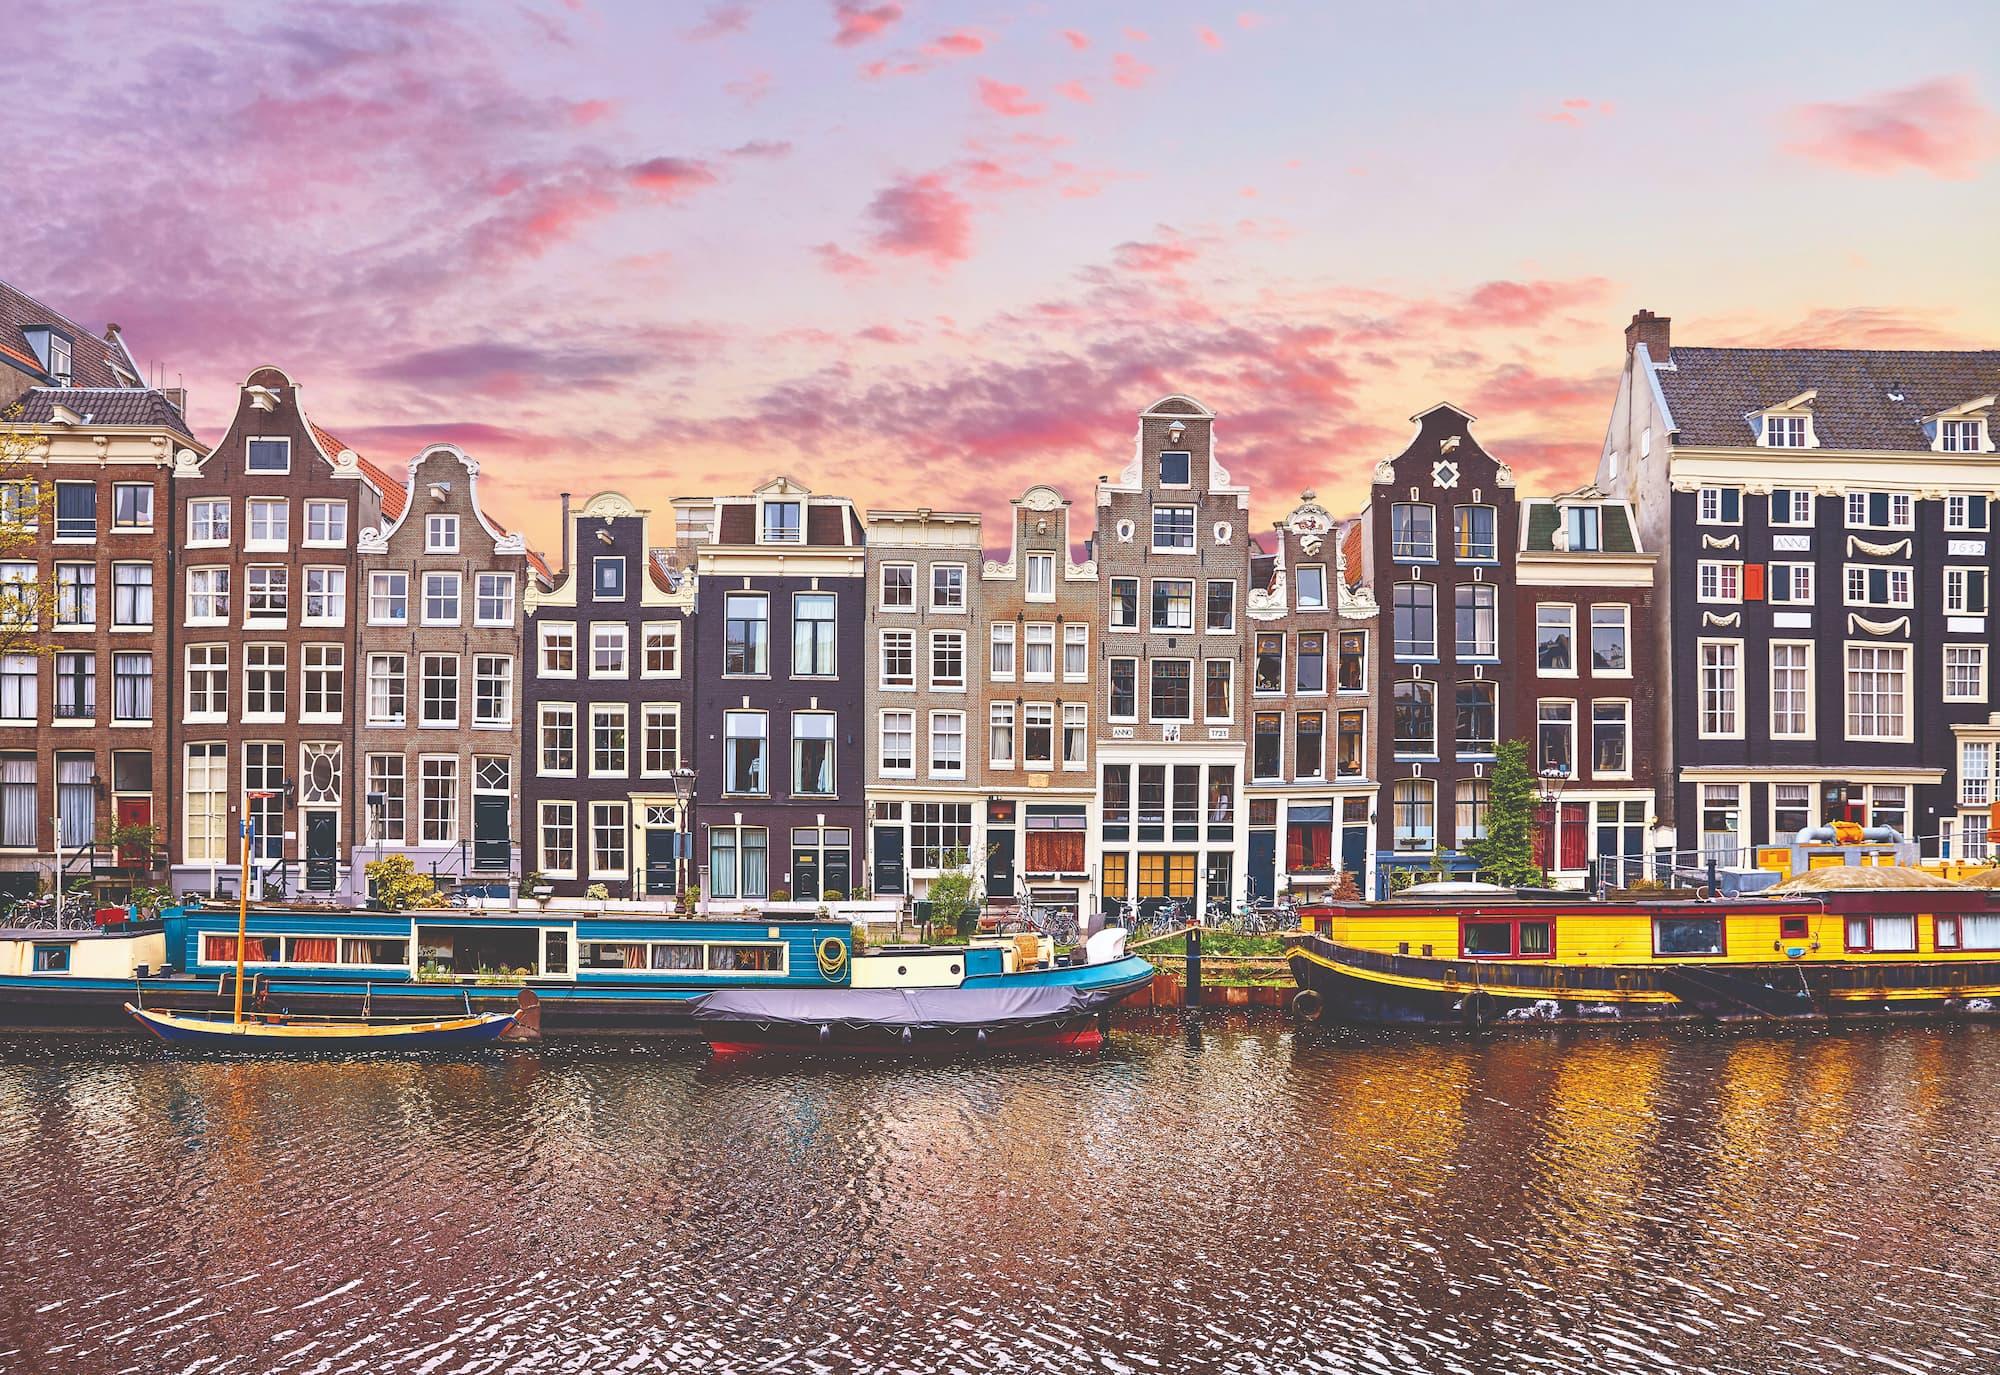 Amsterdã atrai com sua rica história e atmosfera romântica